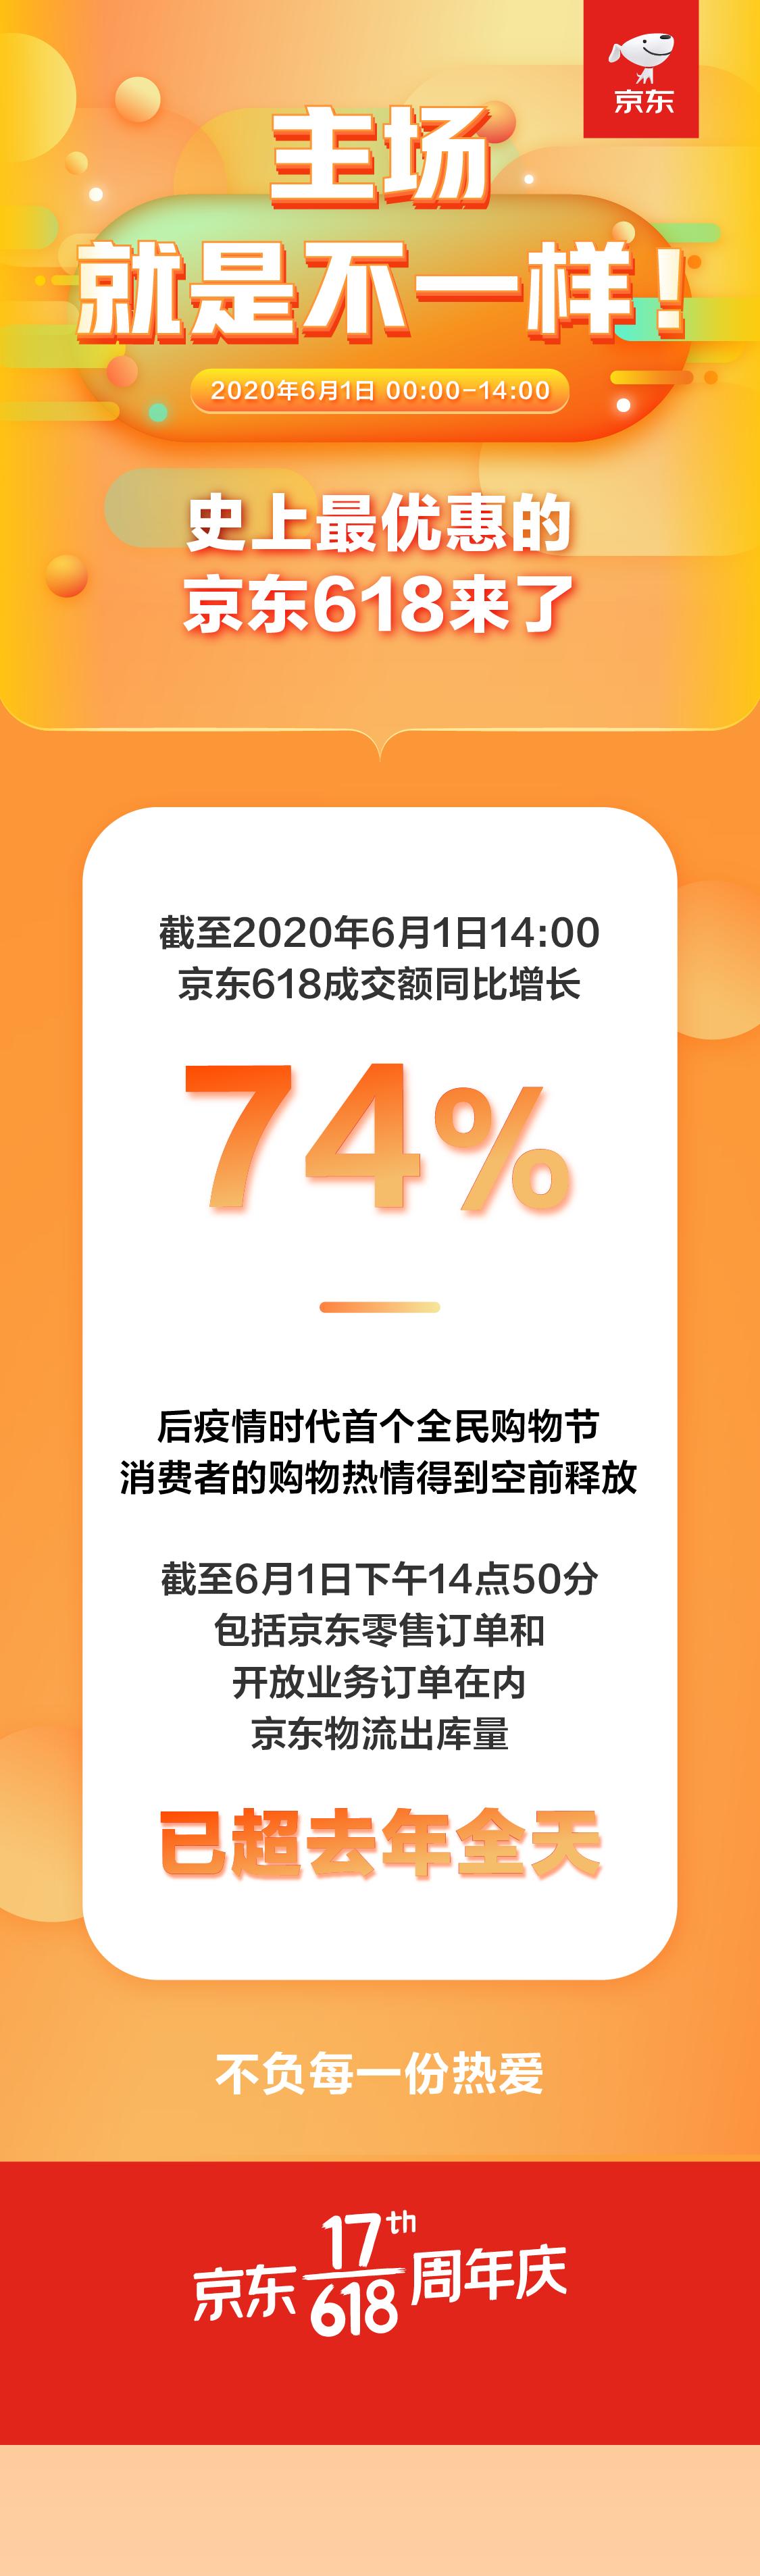 成交额同比增长74% 京东618成品牌最大增量场